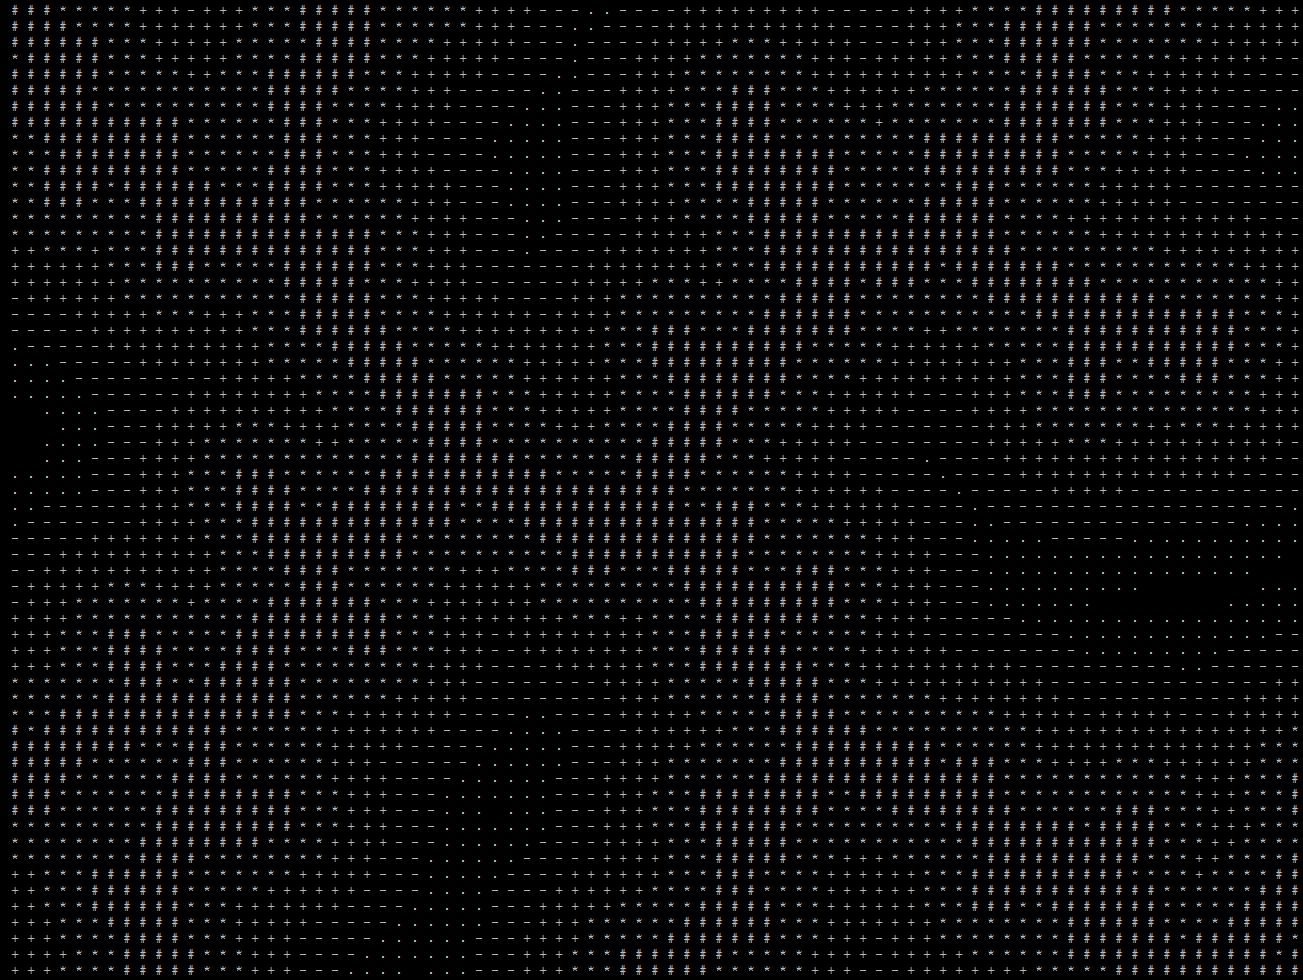 Рисуем морозные узоры на SQL - 1